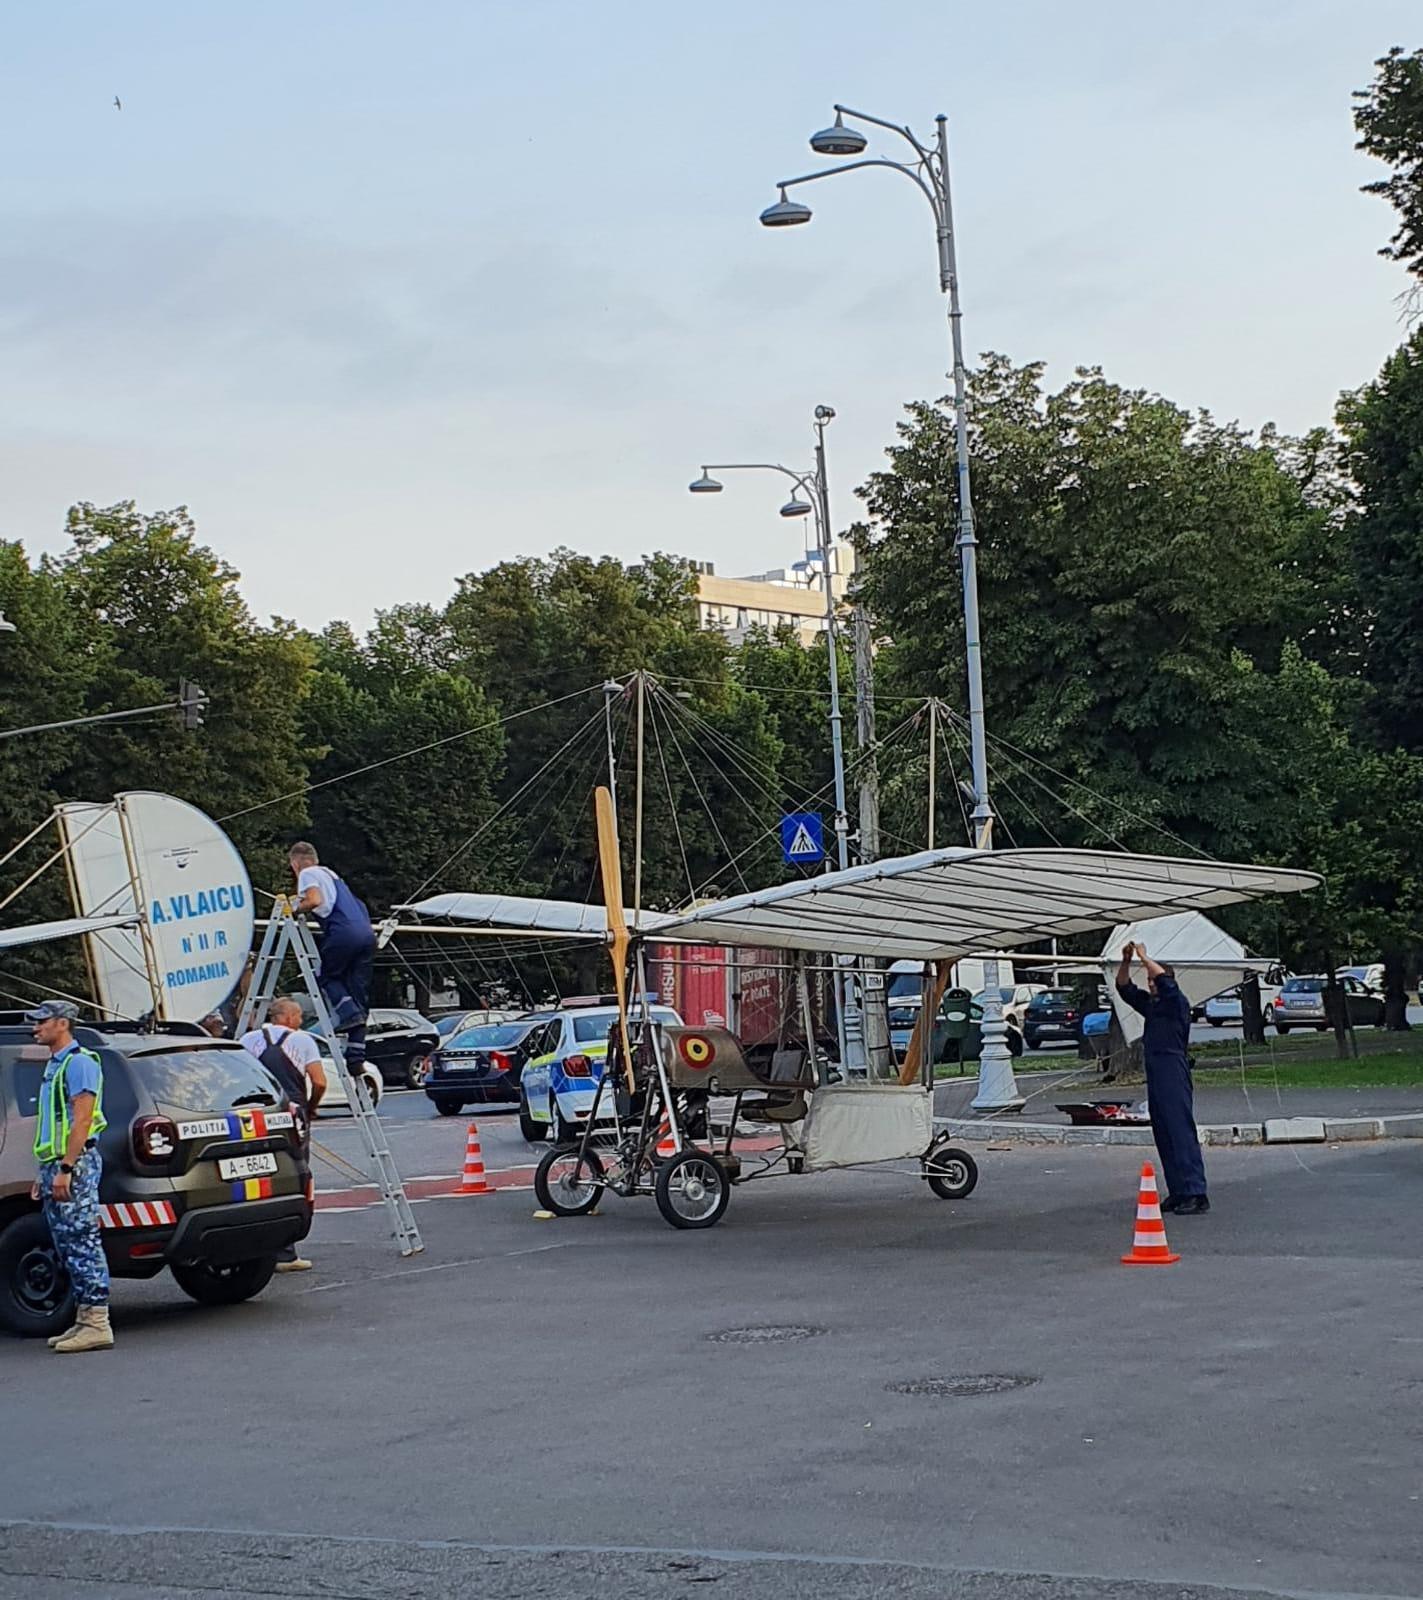 Ceremonie militară în Piața Aviatorilor de Ziua Aviaţiei Române şi a Forţelor Aeriene. După aterizarea forțată a elicopterului american parada a fost anulată